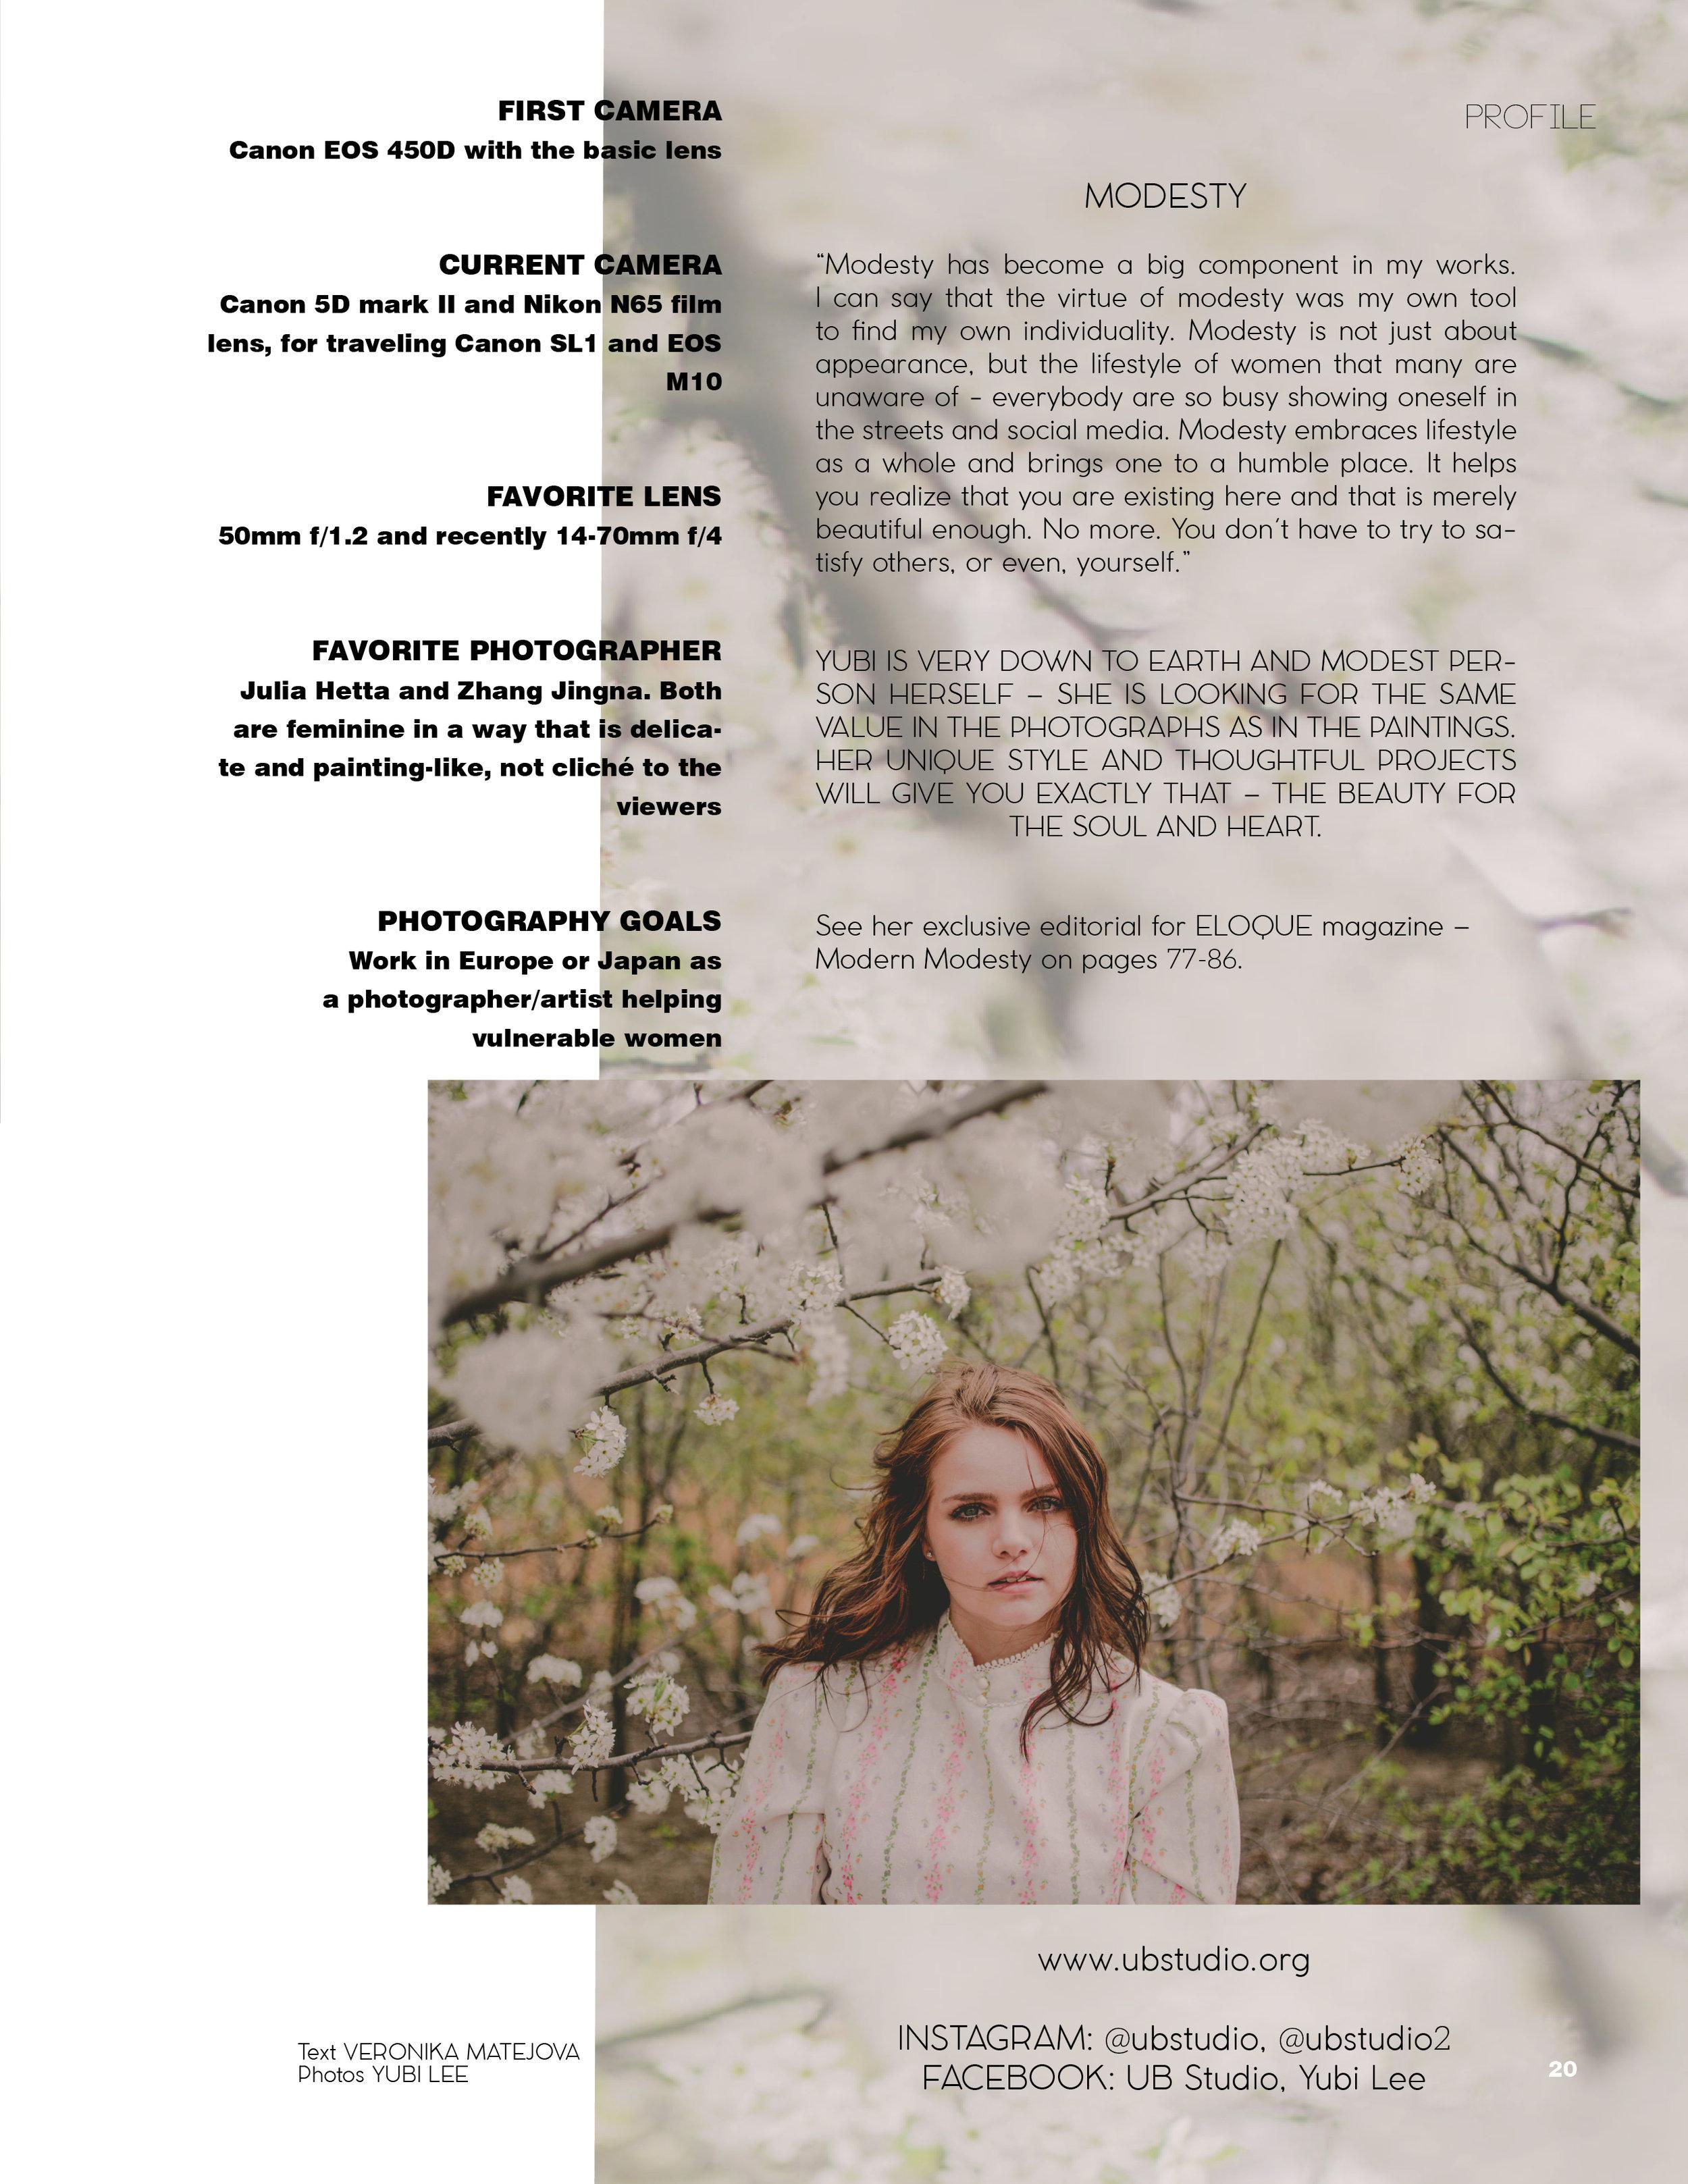 Yubi Lee in Eloque magazine